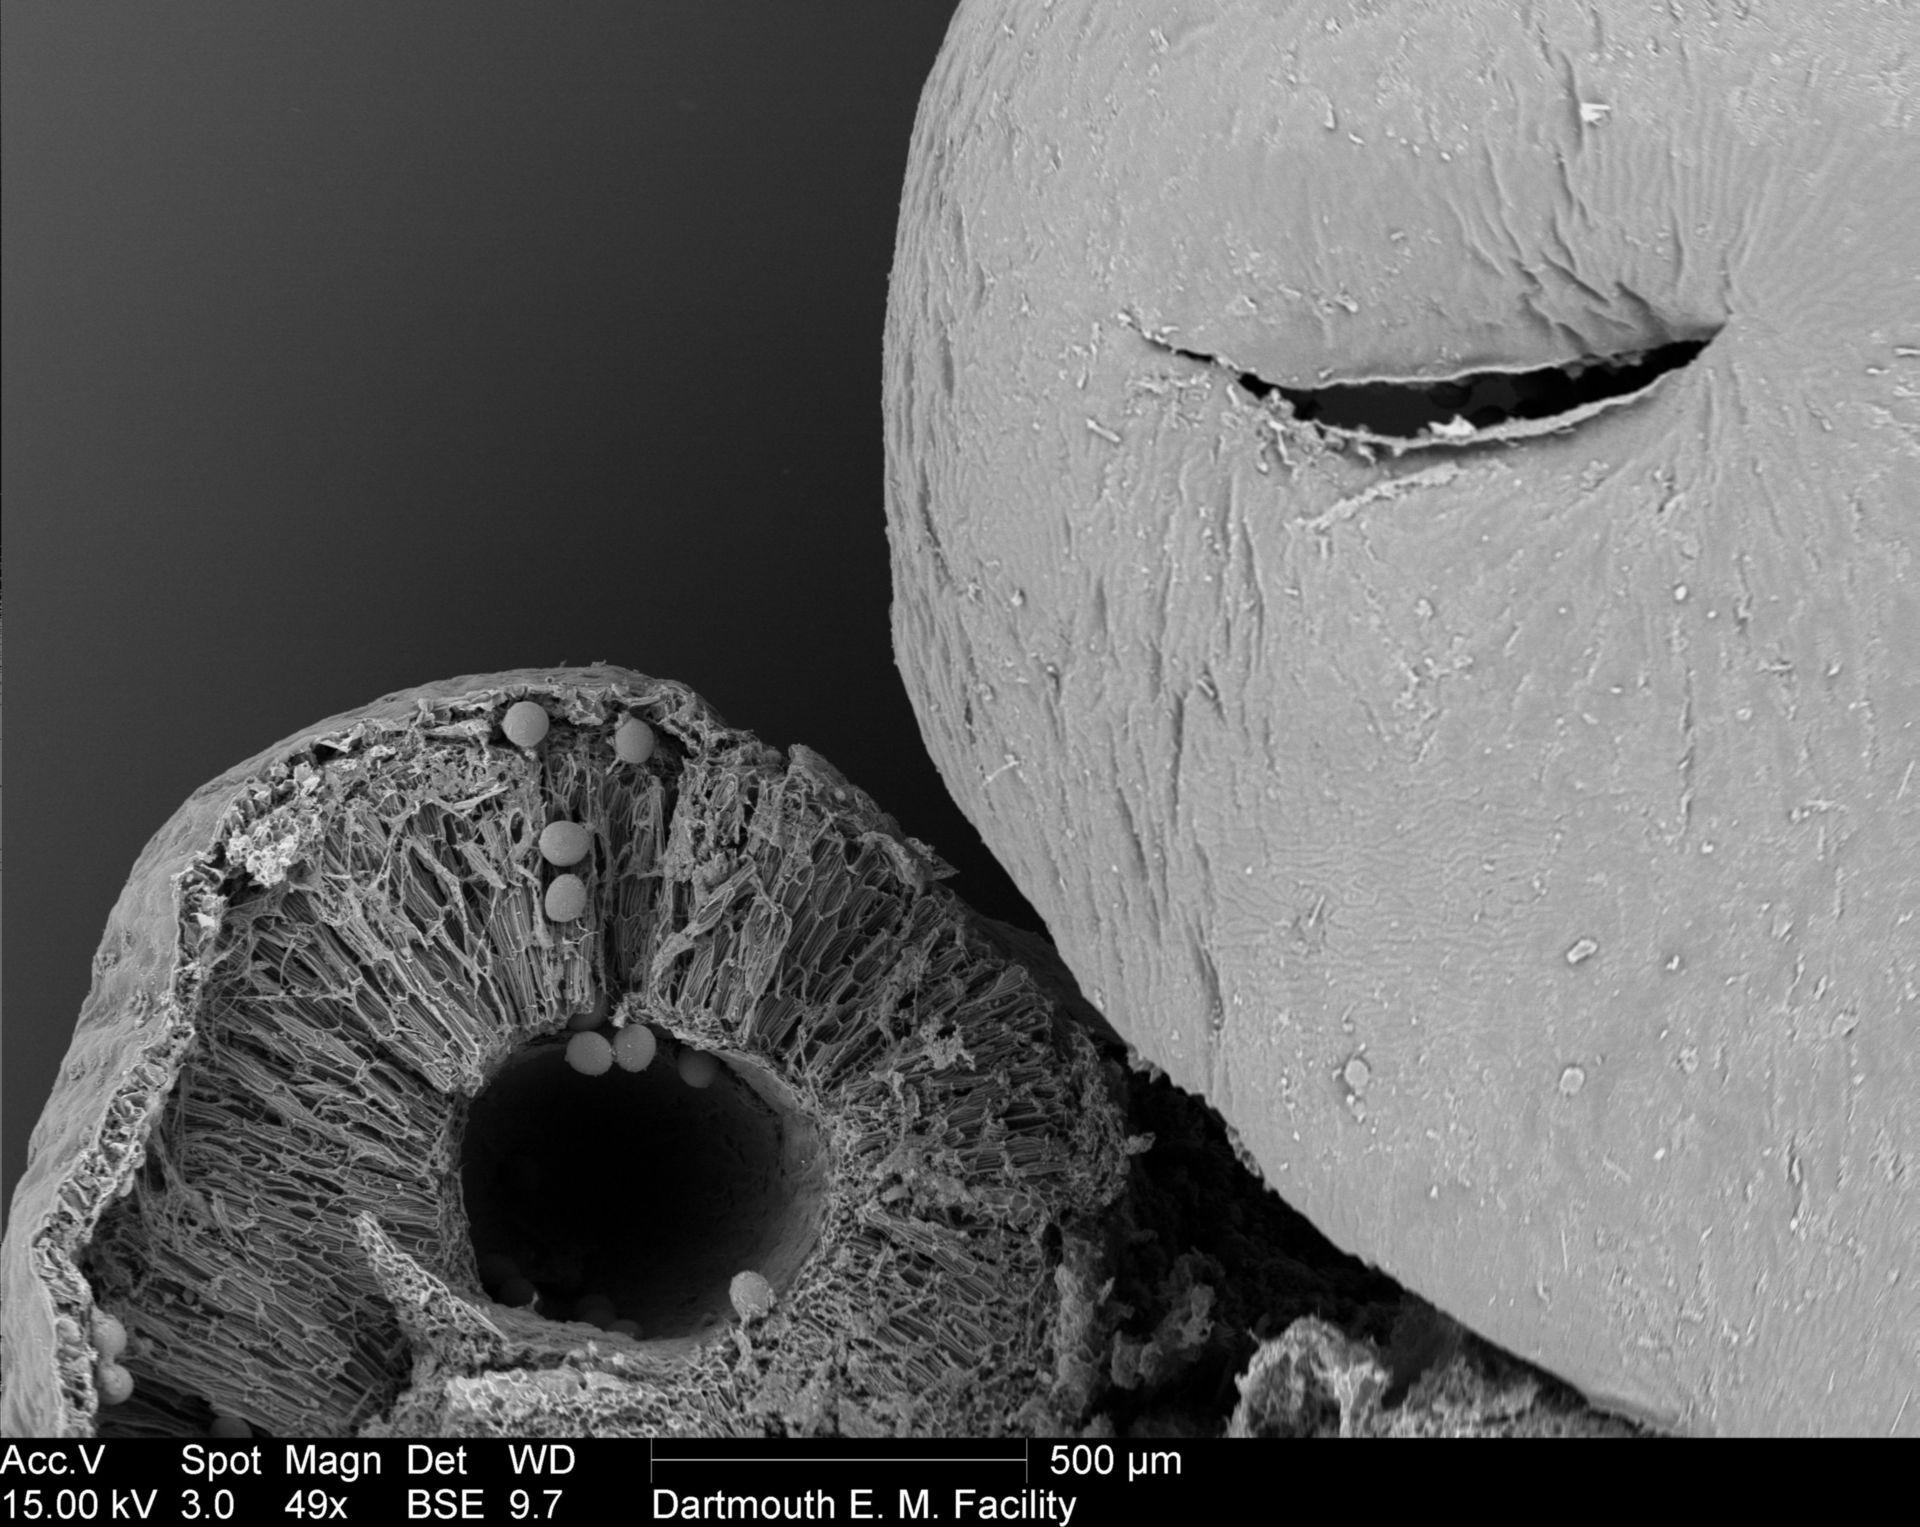 Amorphophallus titanum (Anther) - CIL:39384